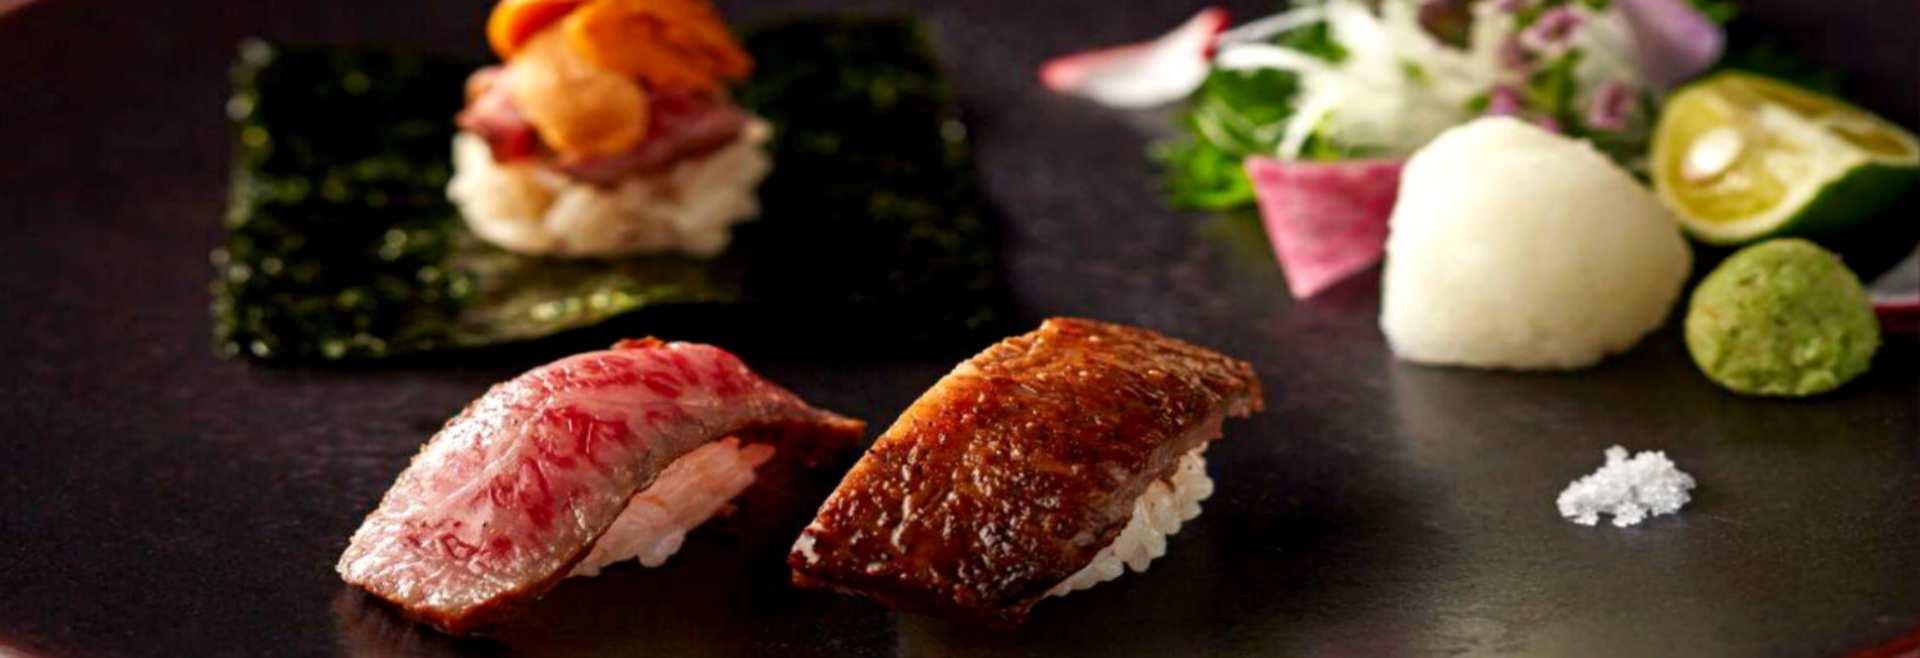 【東京美食】日比谷鐵板燒高級餐廳・帝国ホテル東京 嘉門